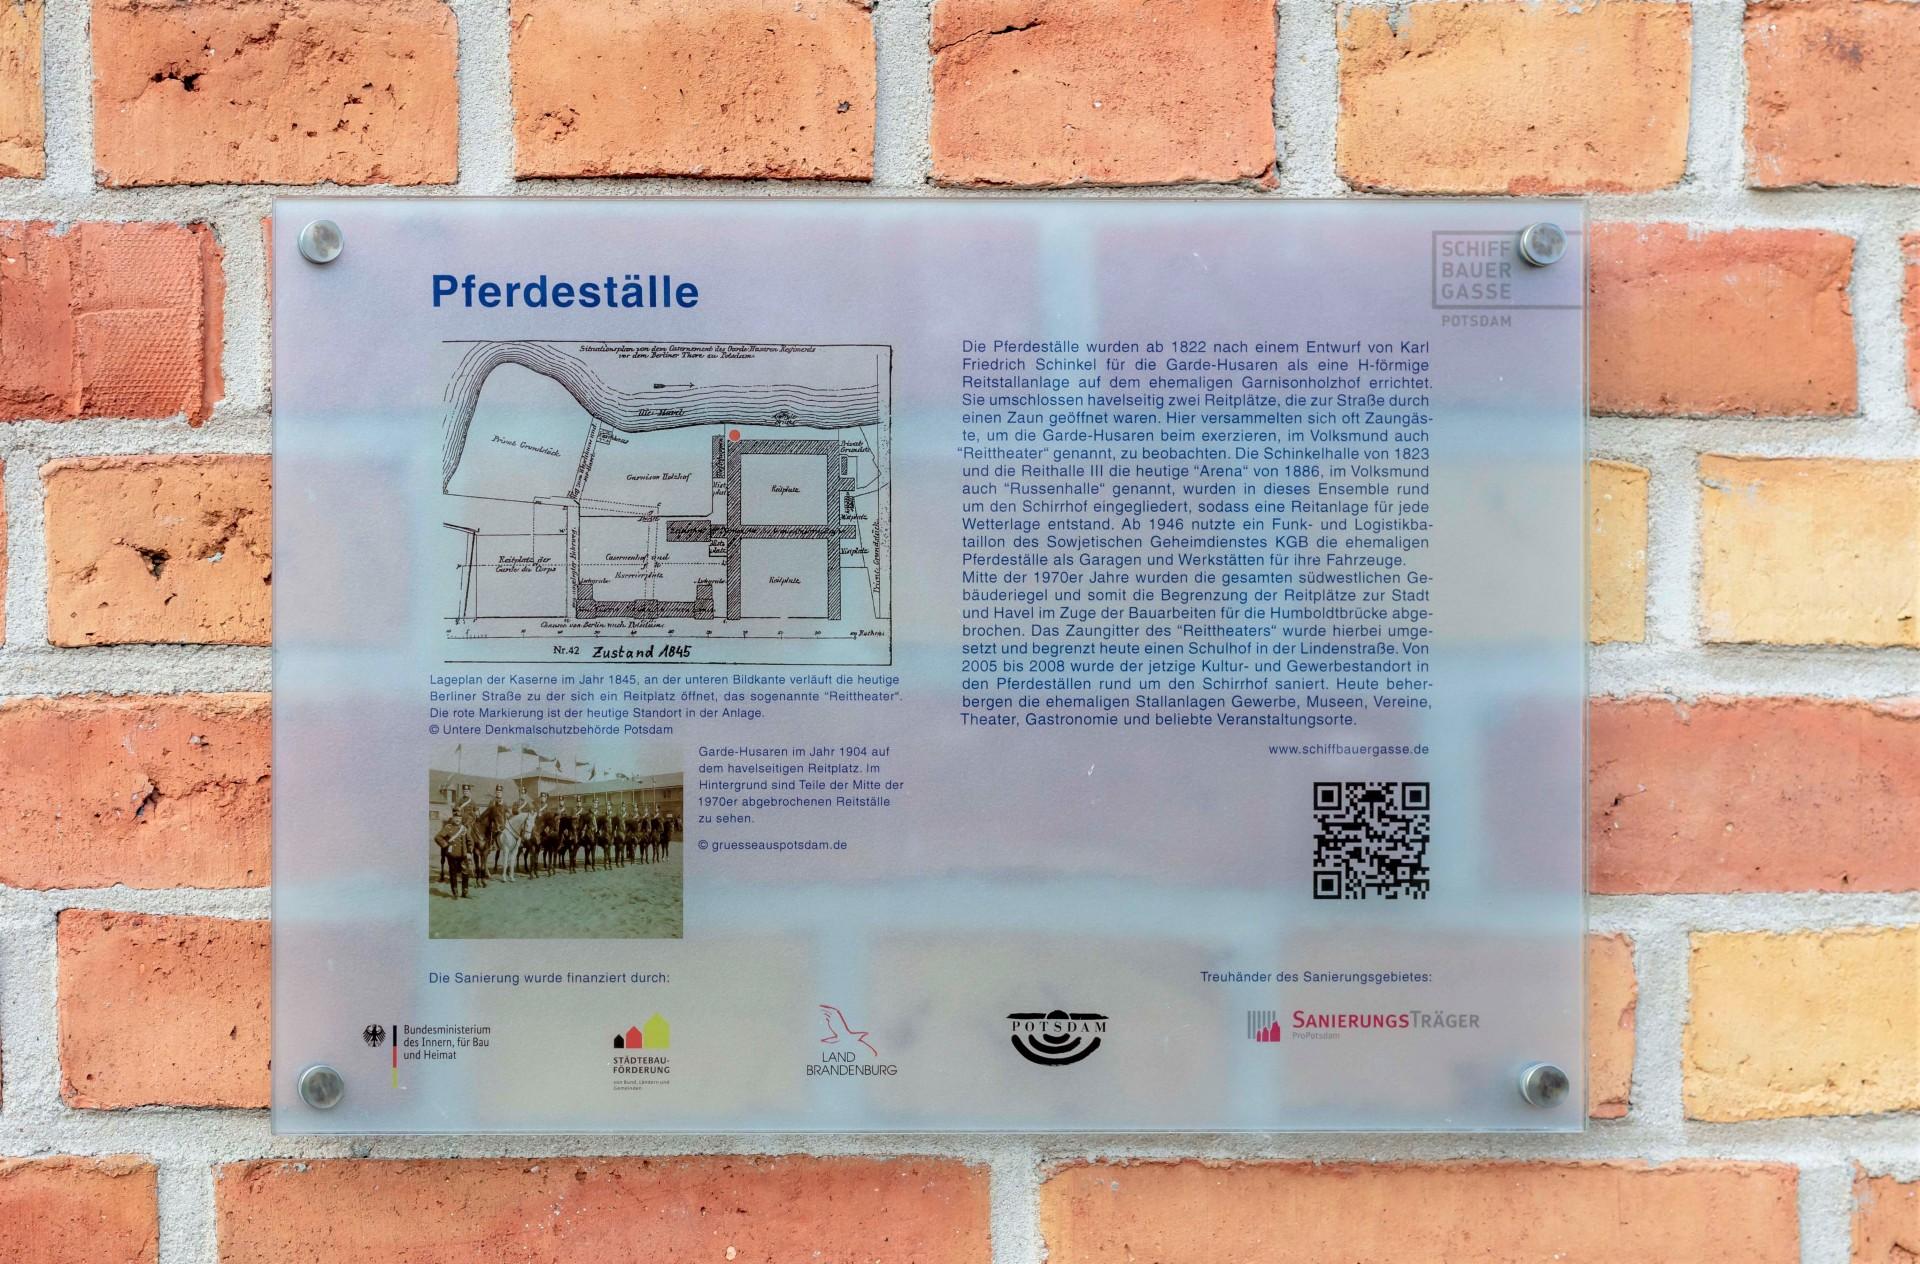 Hinweistafel des Historischen Parcours, Foto: PMSG